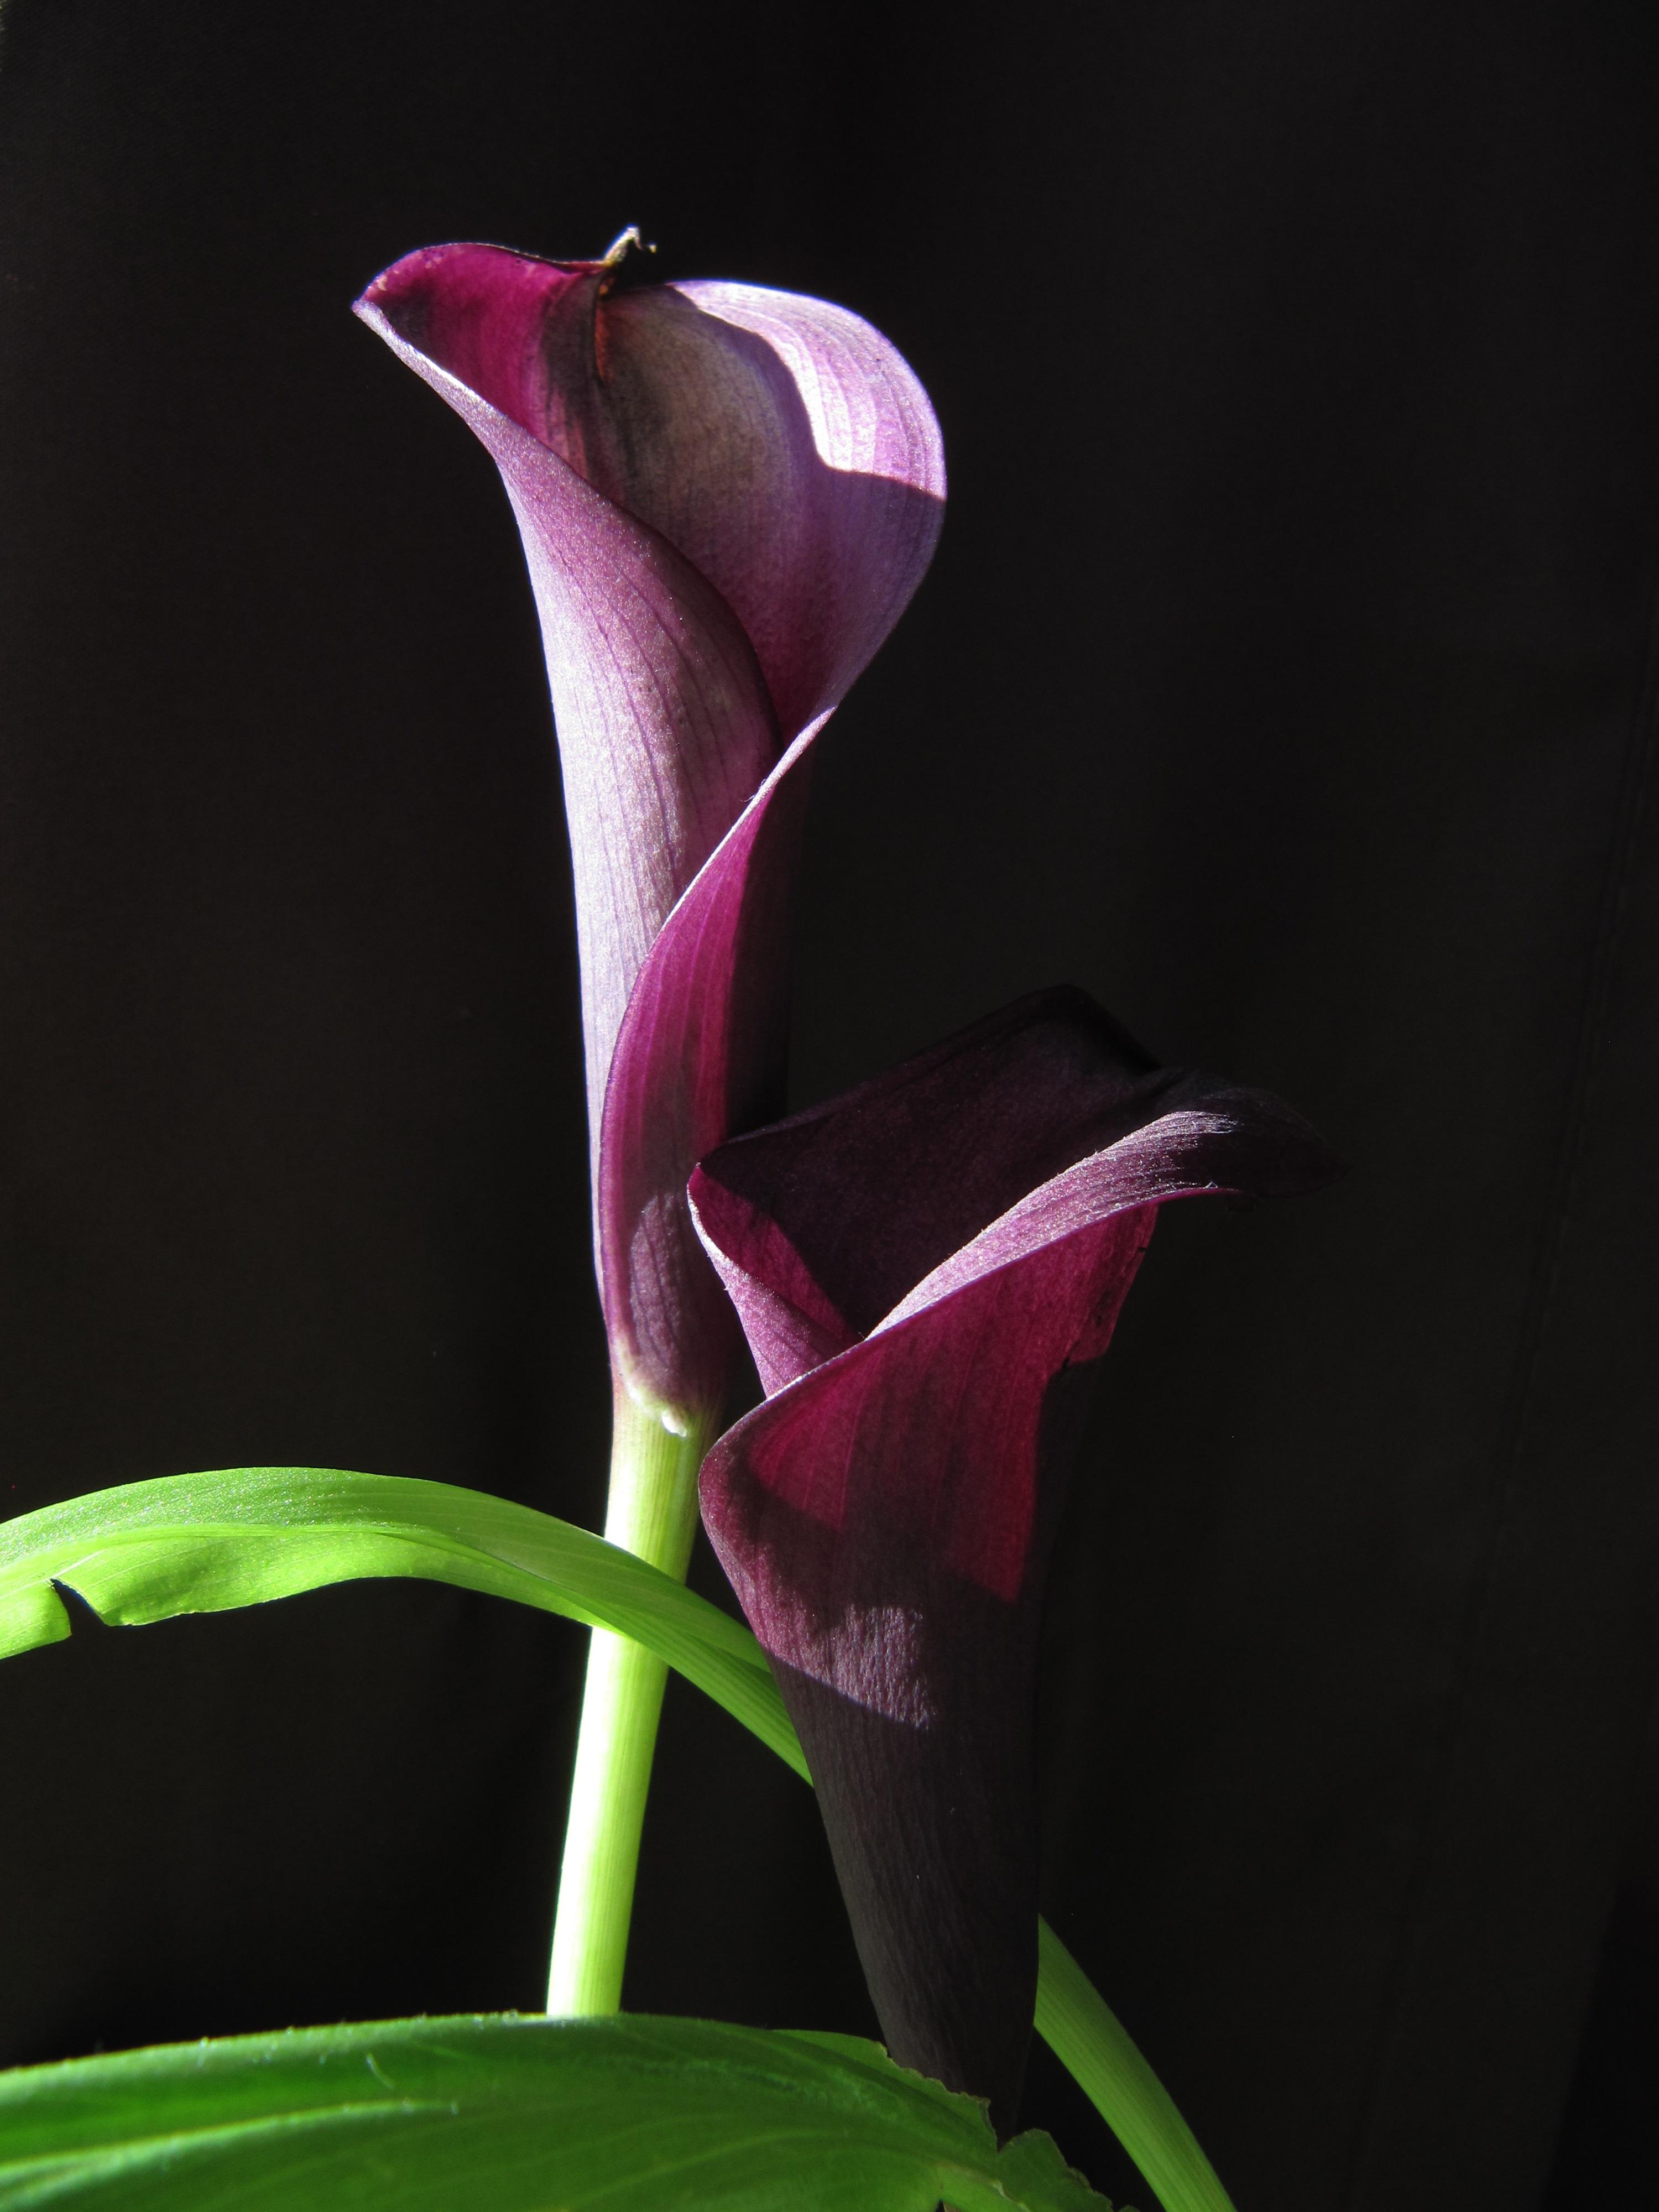 images gratuites : feuille, fleur, violet, pétale, botanique, rose